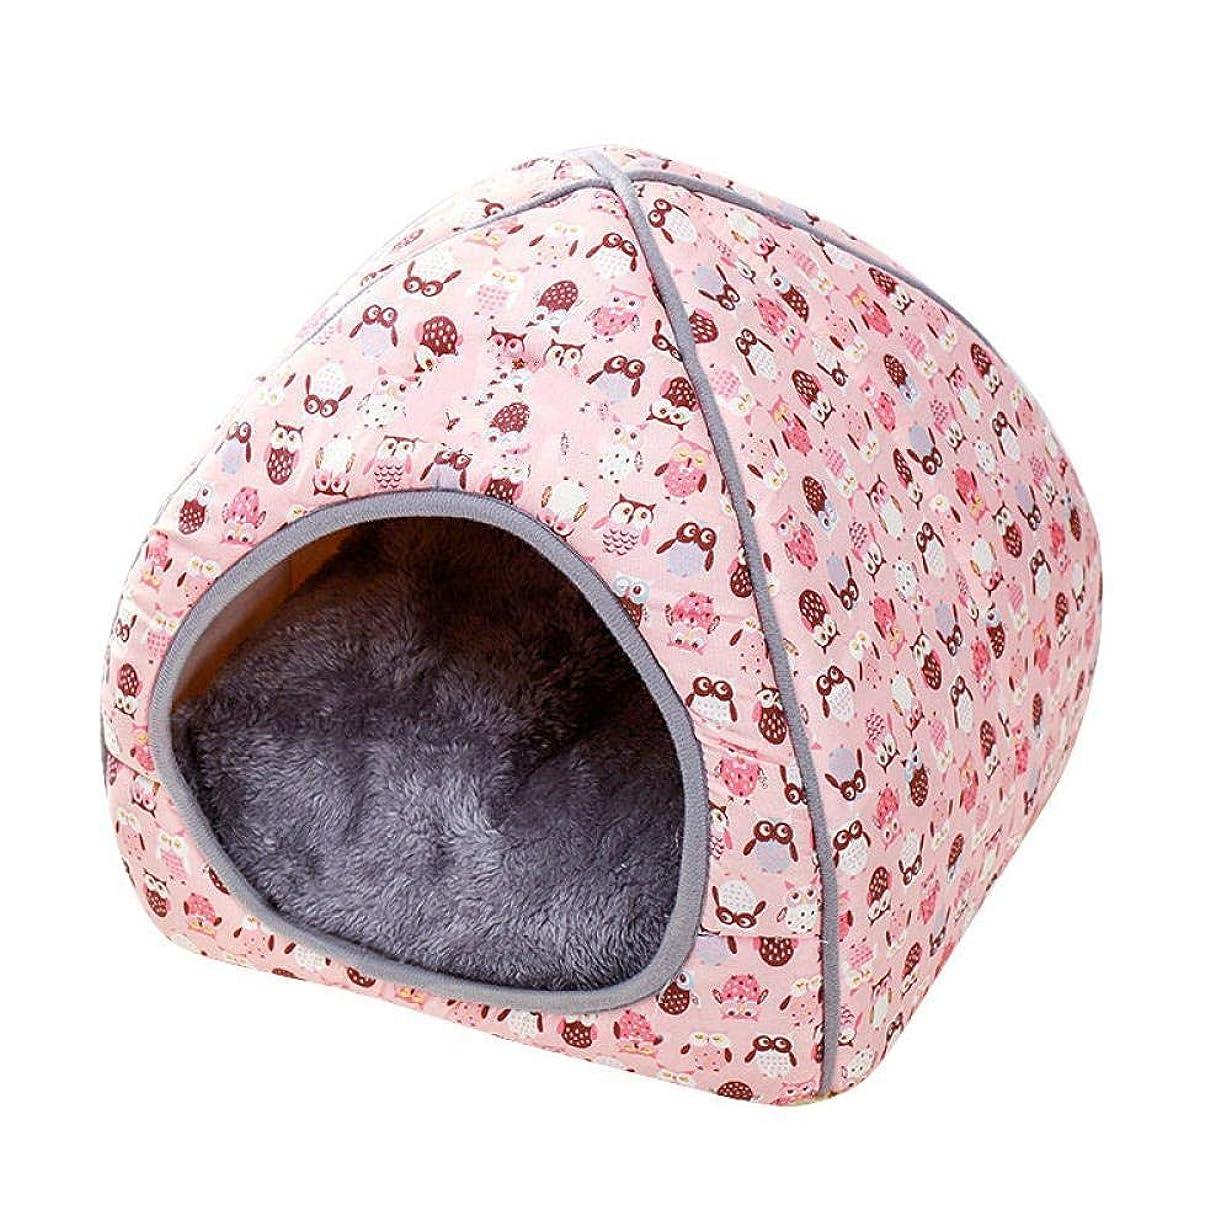 ファントム低下ふりをするペットテント洞窟ベッド折りたたみ式ペット猫ベッドマットソフトシェイプ犬犬小屋冬のペットハウス暖かい睡眠猫巣洗えるMスタイル2-4